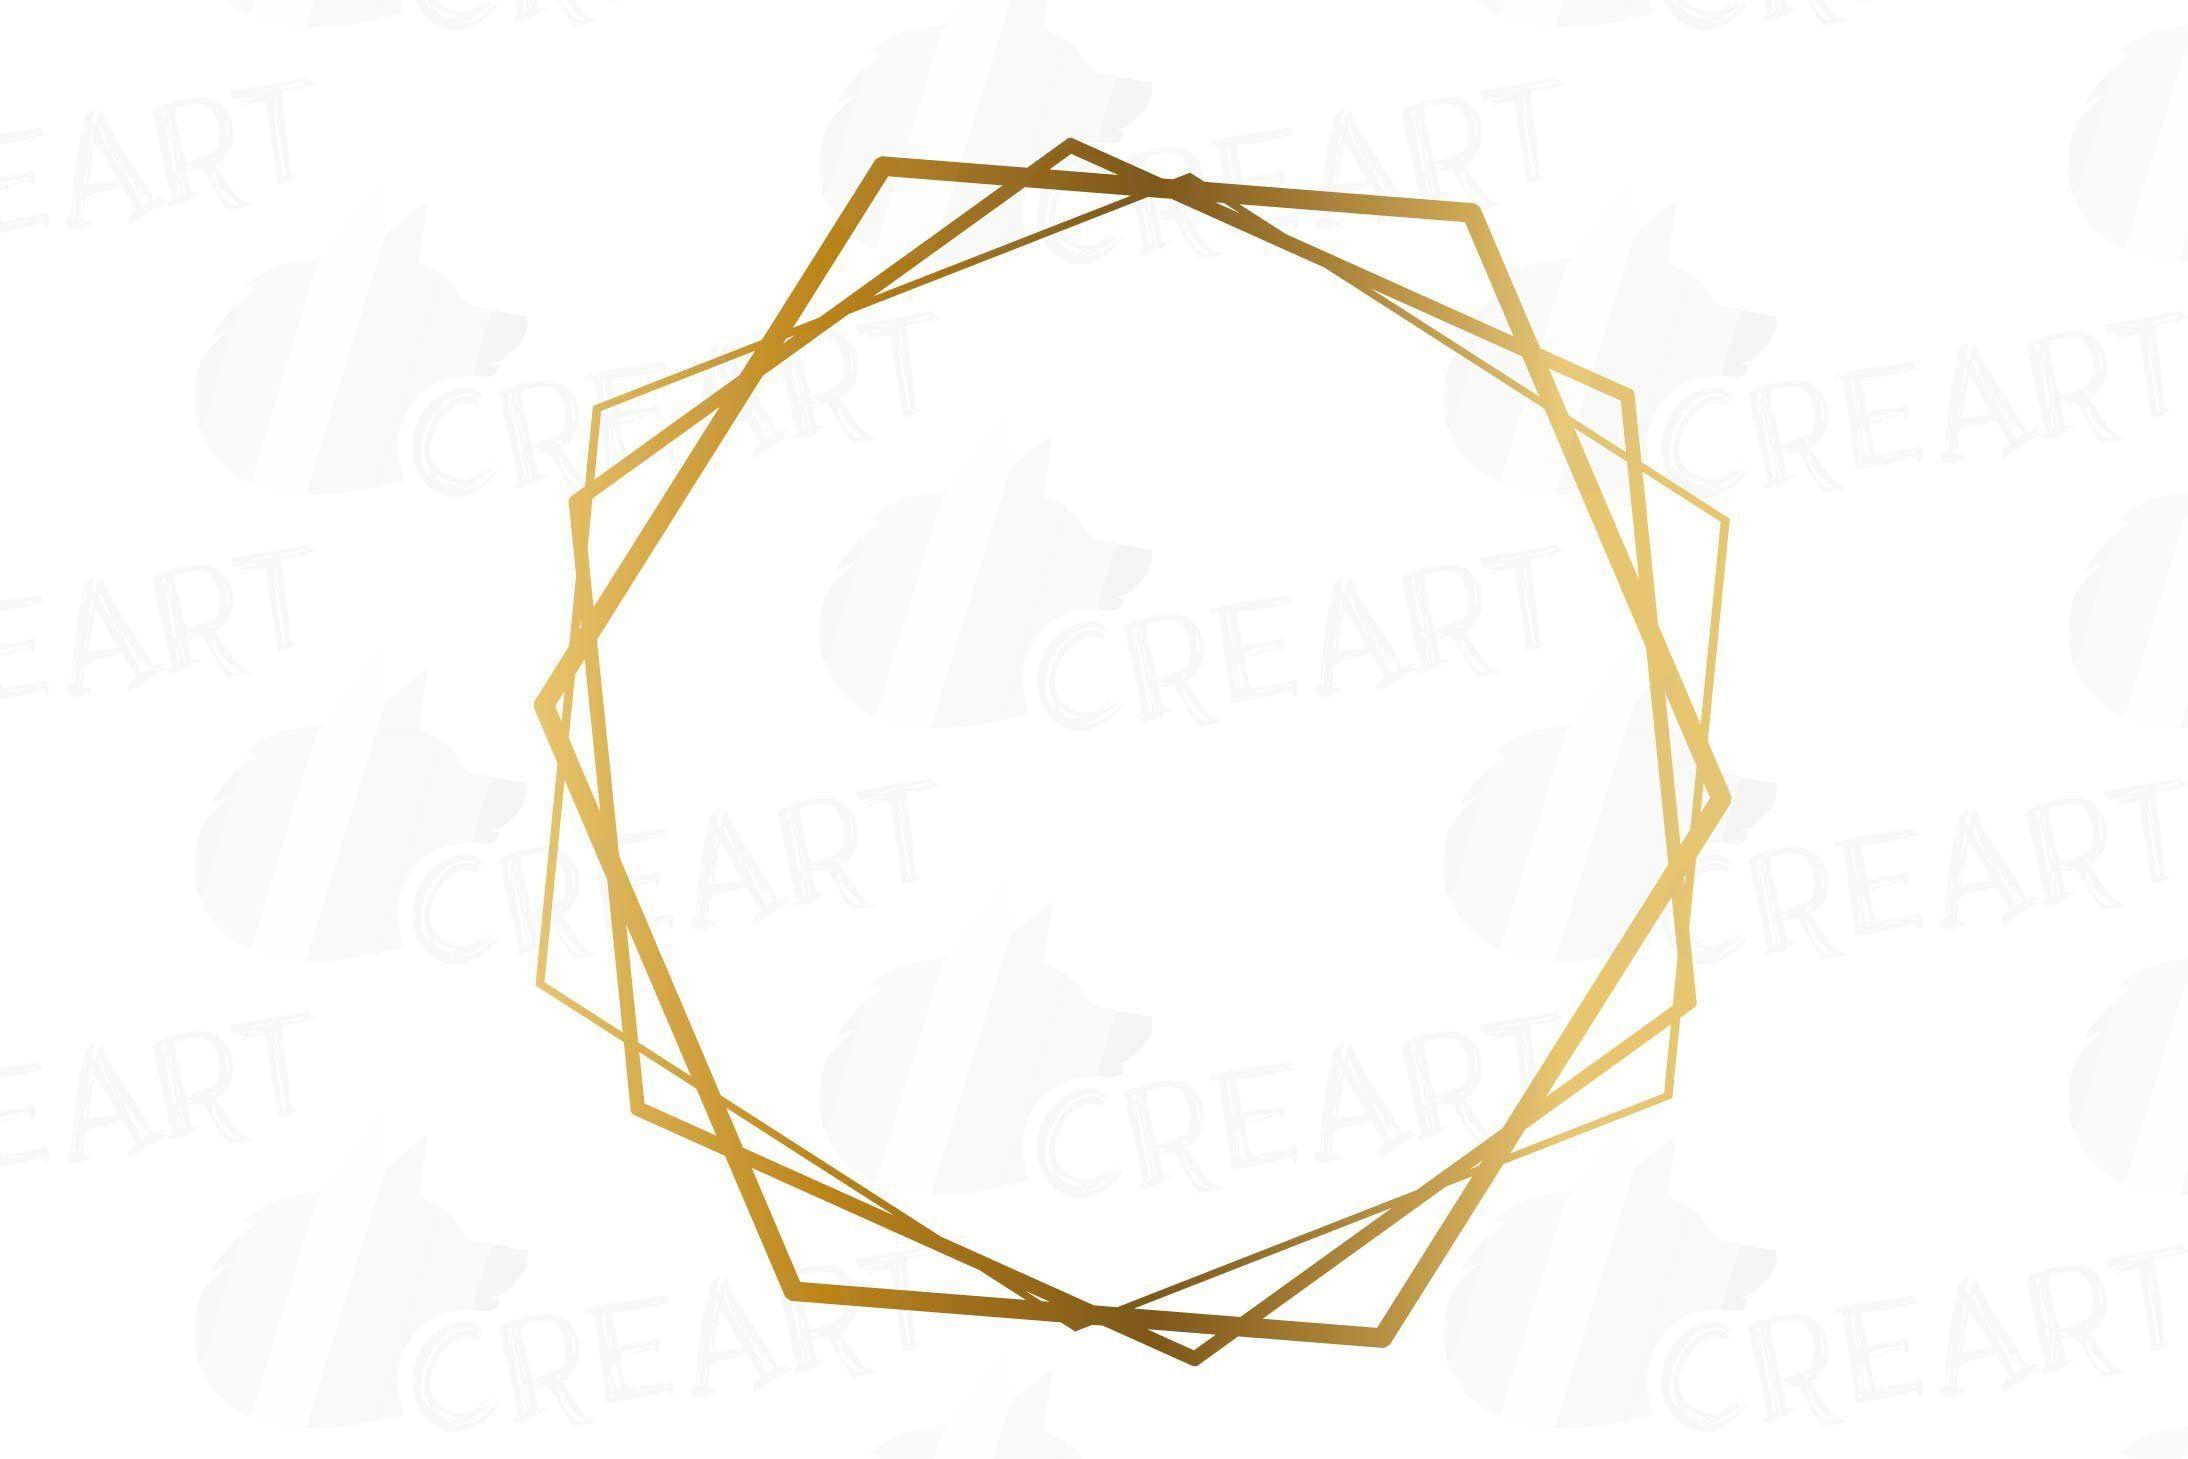 Elegant Wedding Geometric Golden Frames Lineal Frames Clip Etsy Floral Logo Design Floral Border Design Geometric